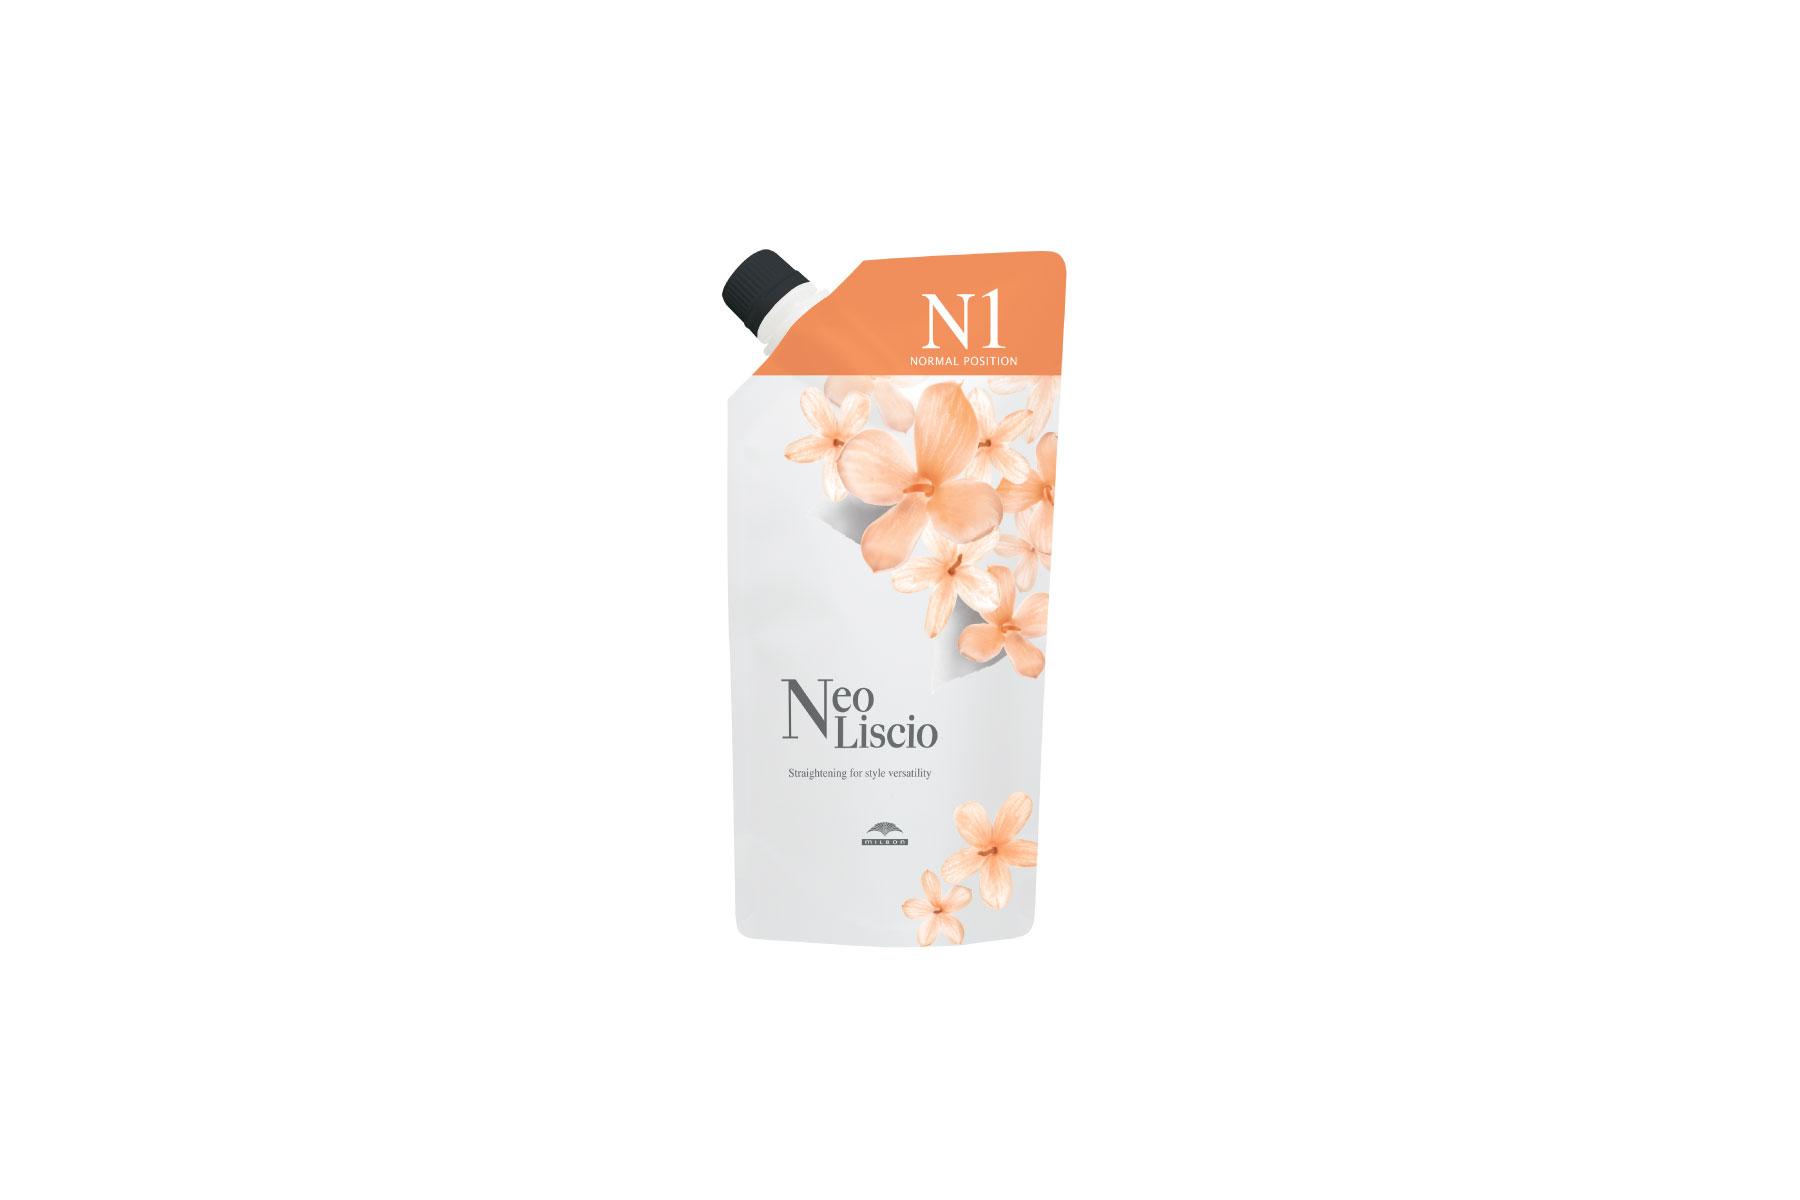 ミルボン ネオリシオ N1 (milbon neoliscio) image